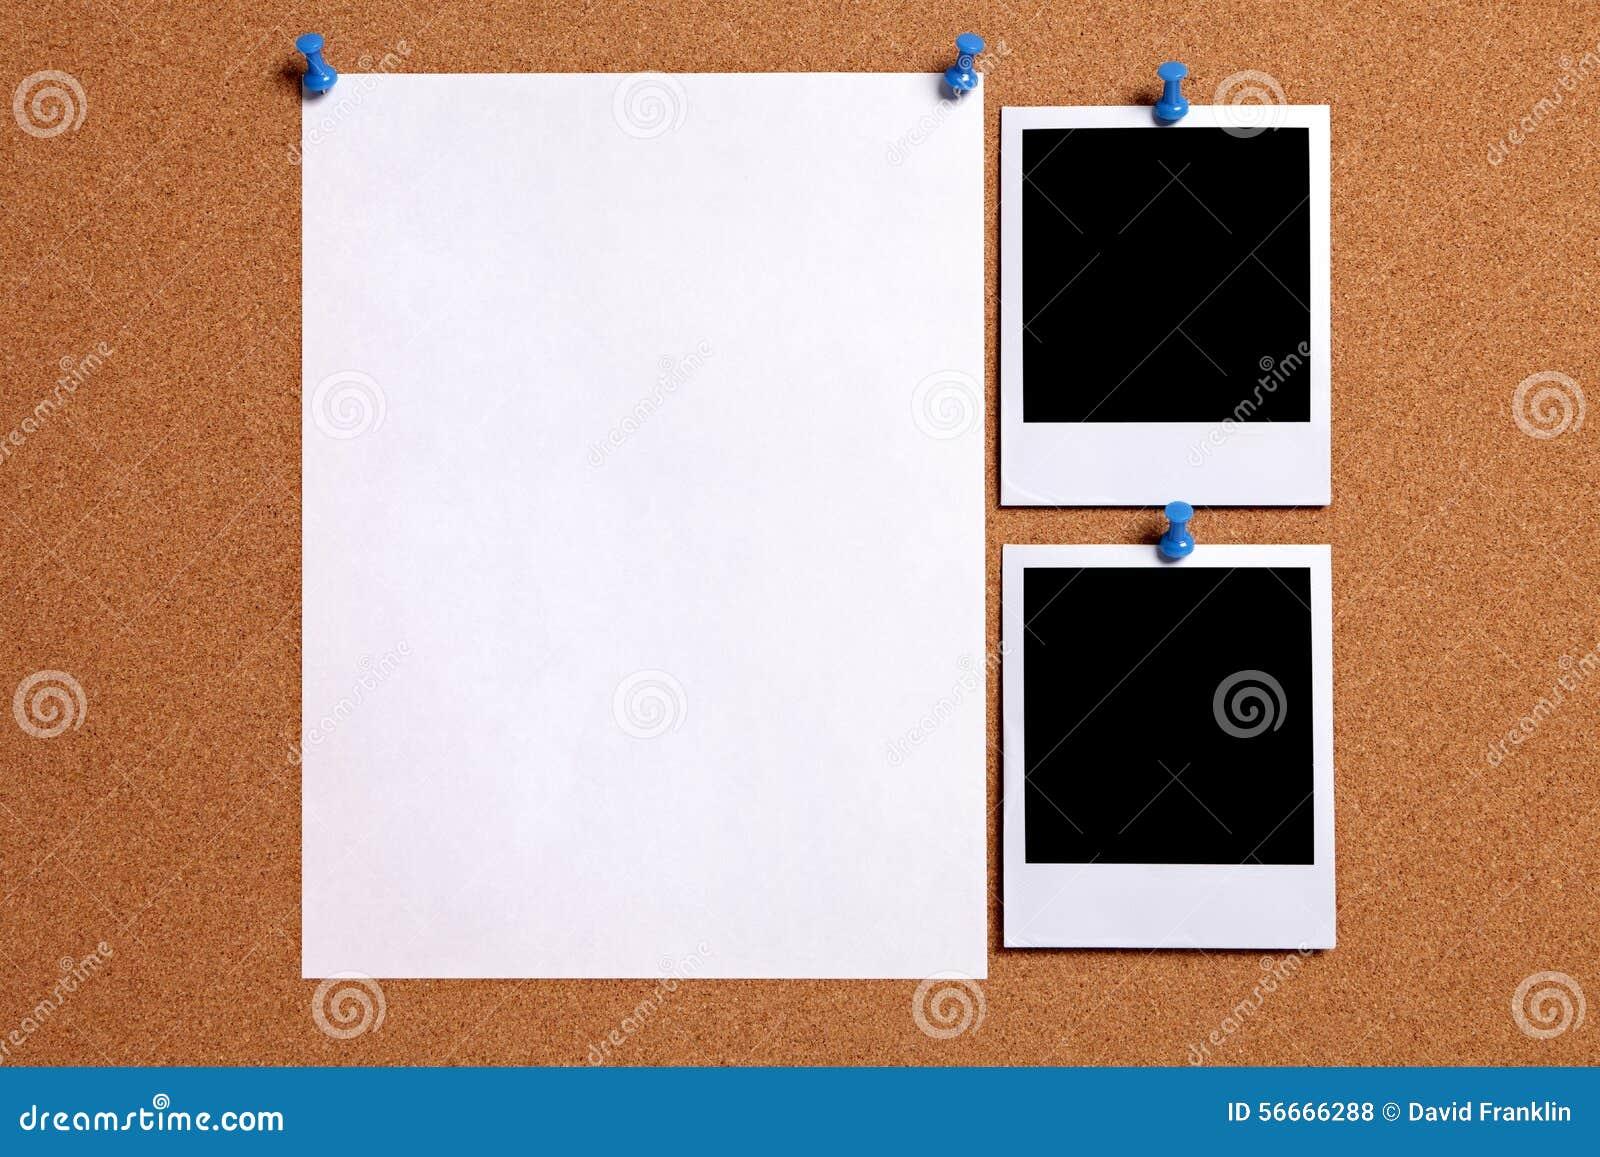 与纸海报的两个偏正片样式空白照片框架被别住对黄柏布告牌,拷贝空间